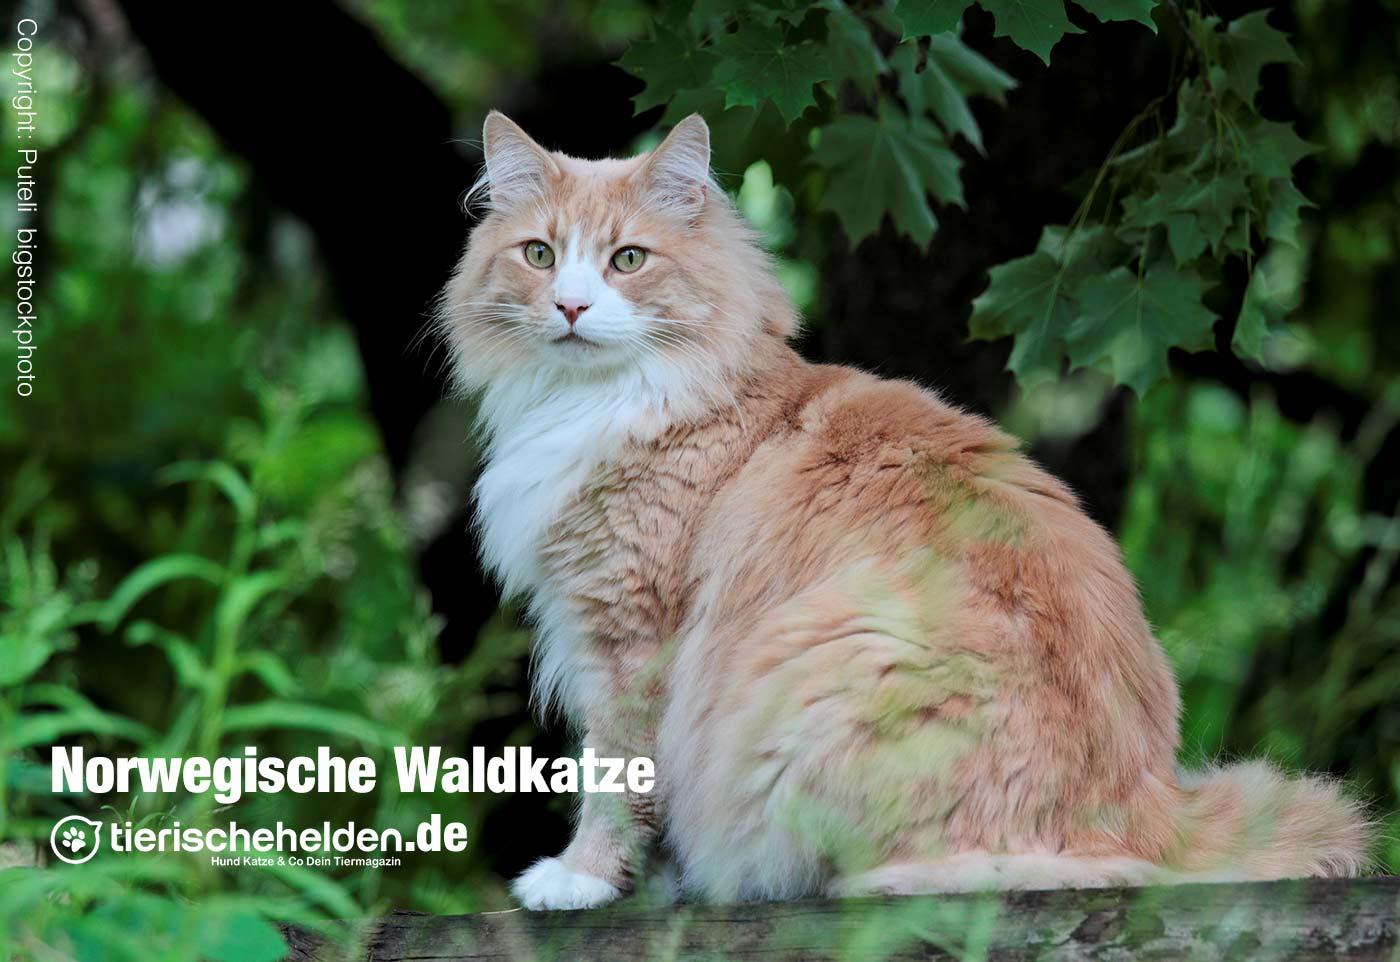 Waldkatze